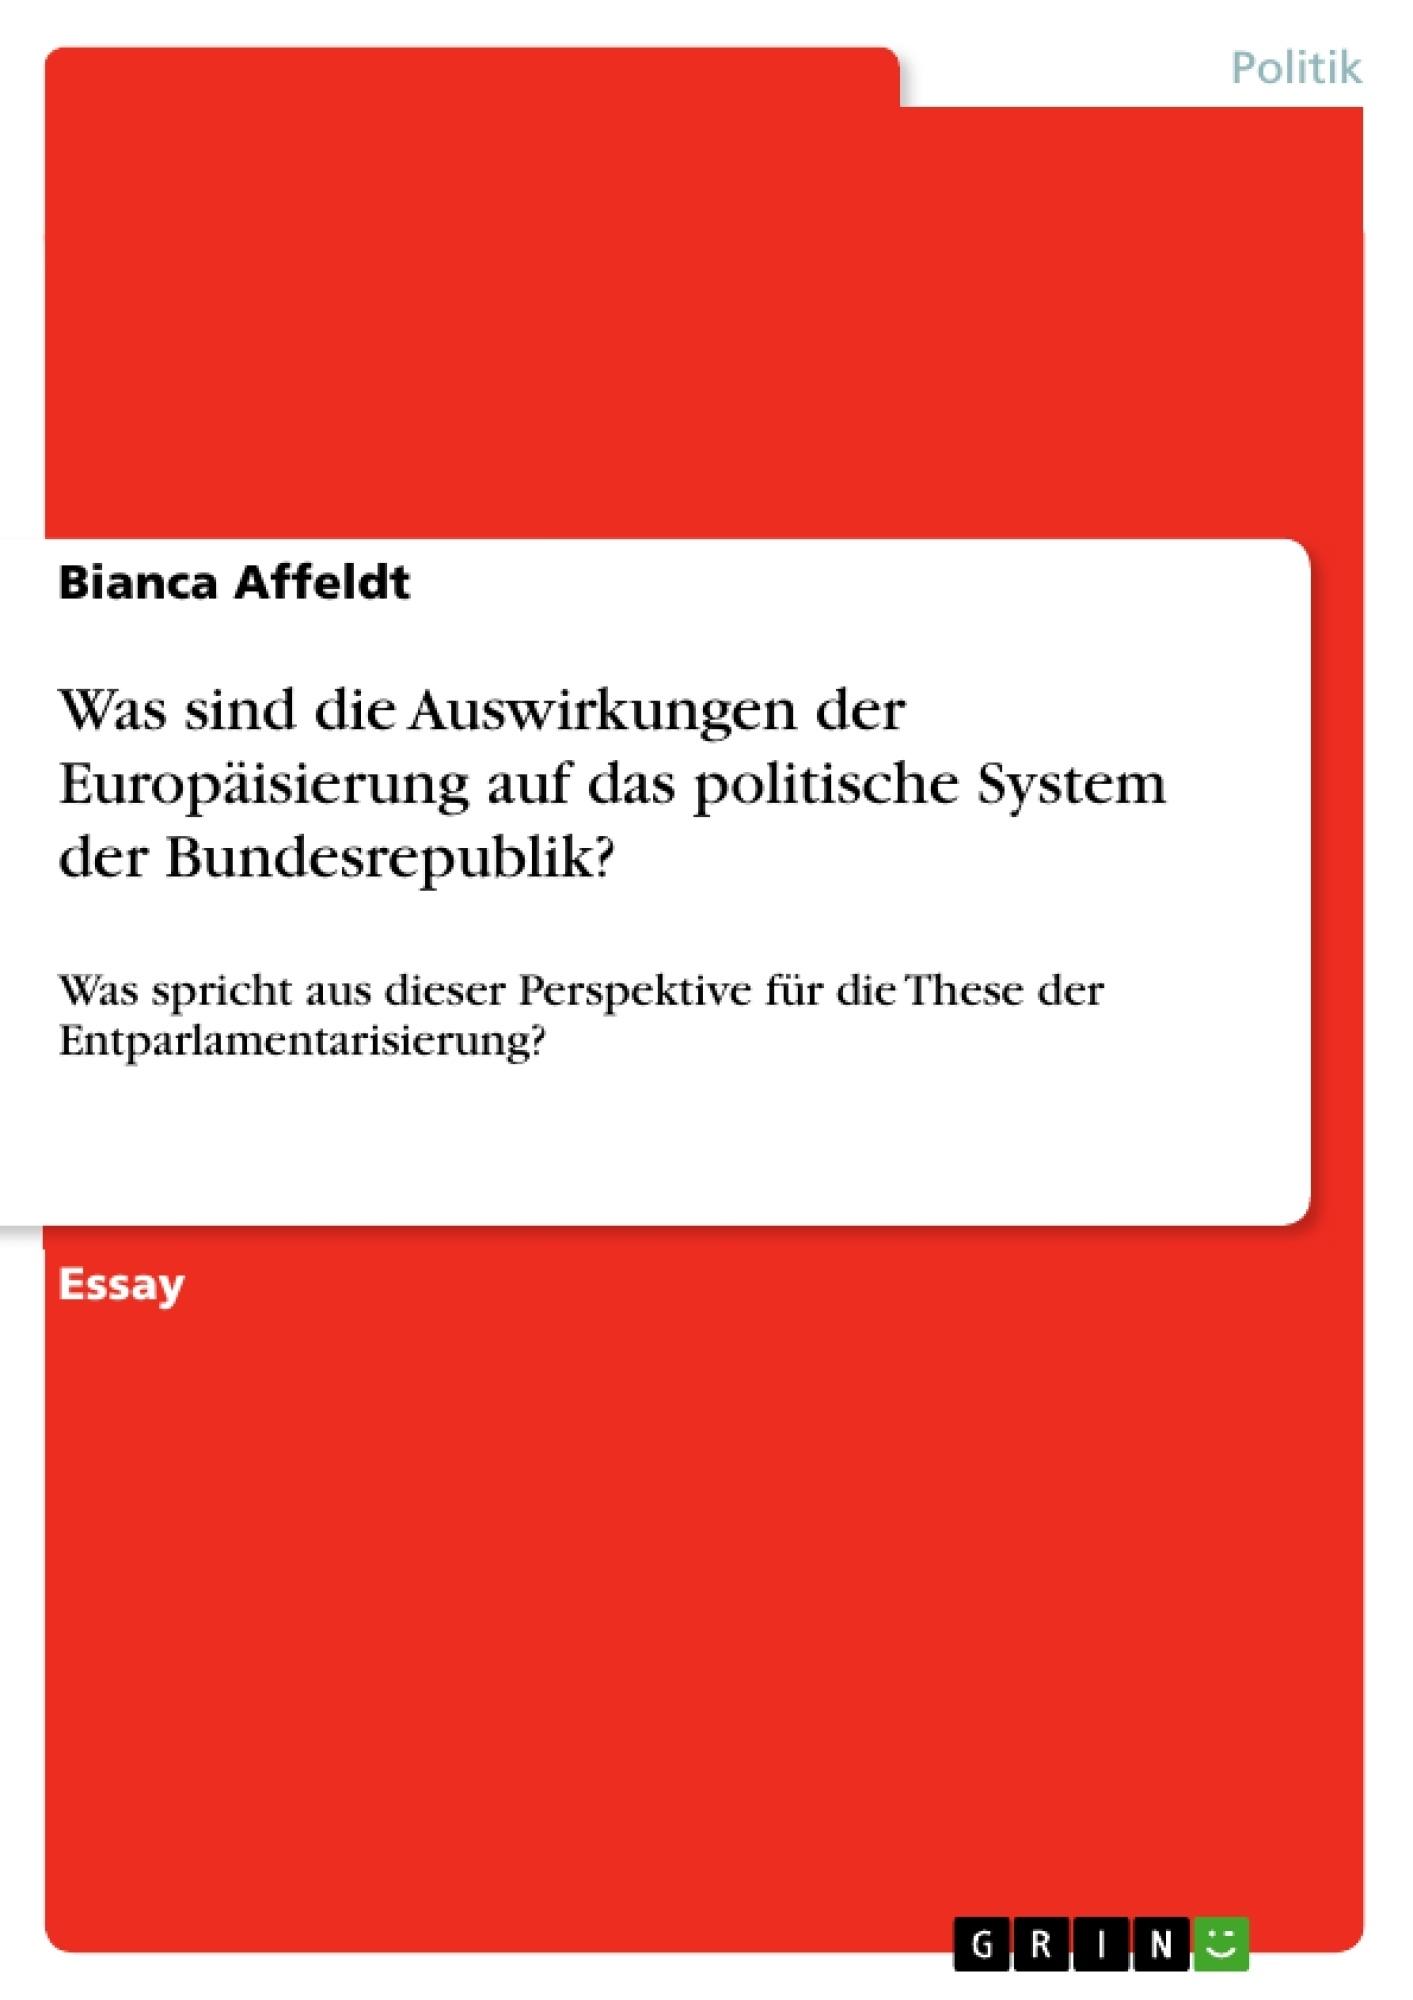 Titel: Was sind die Auswirkungen der Europäisierung auf das politische System der Bundesrepublik?